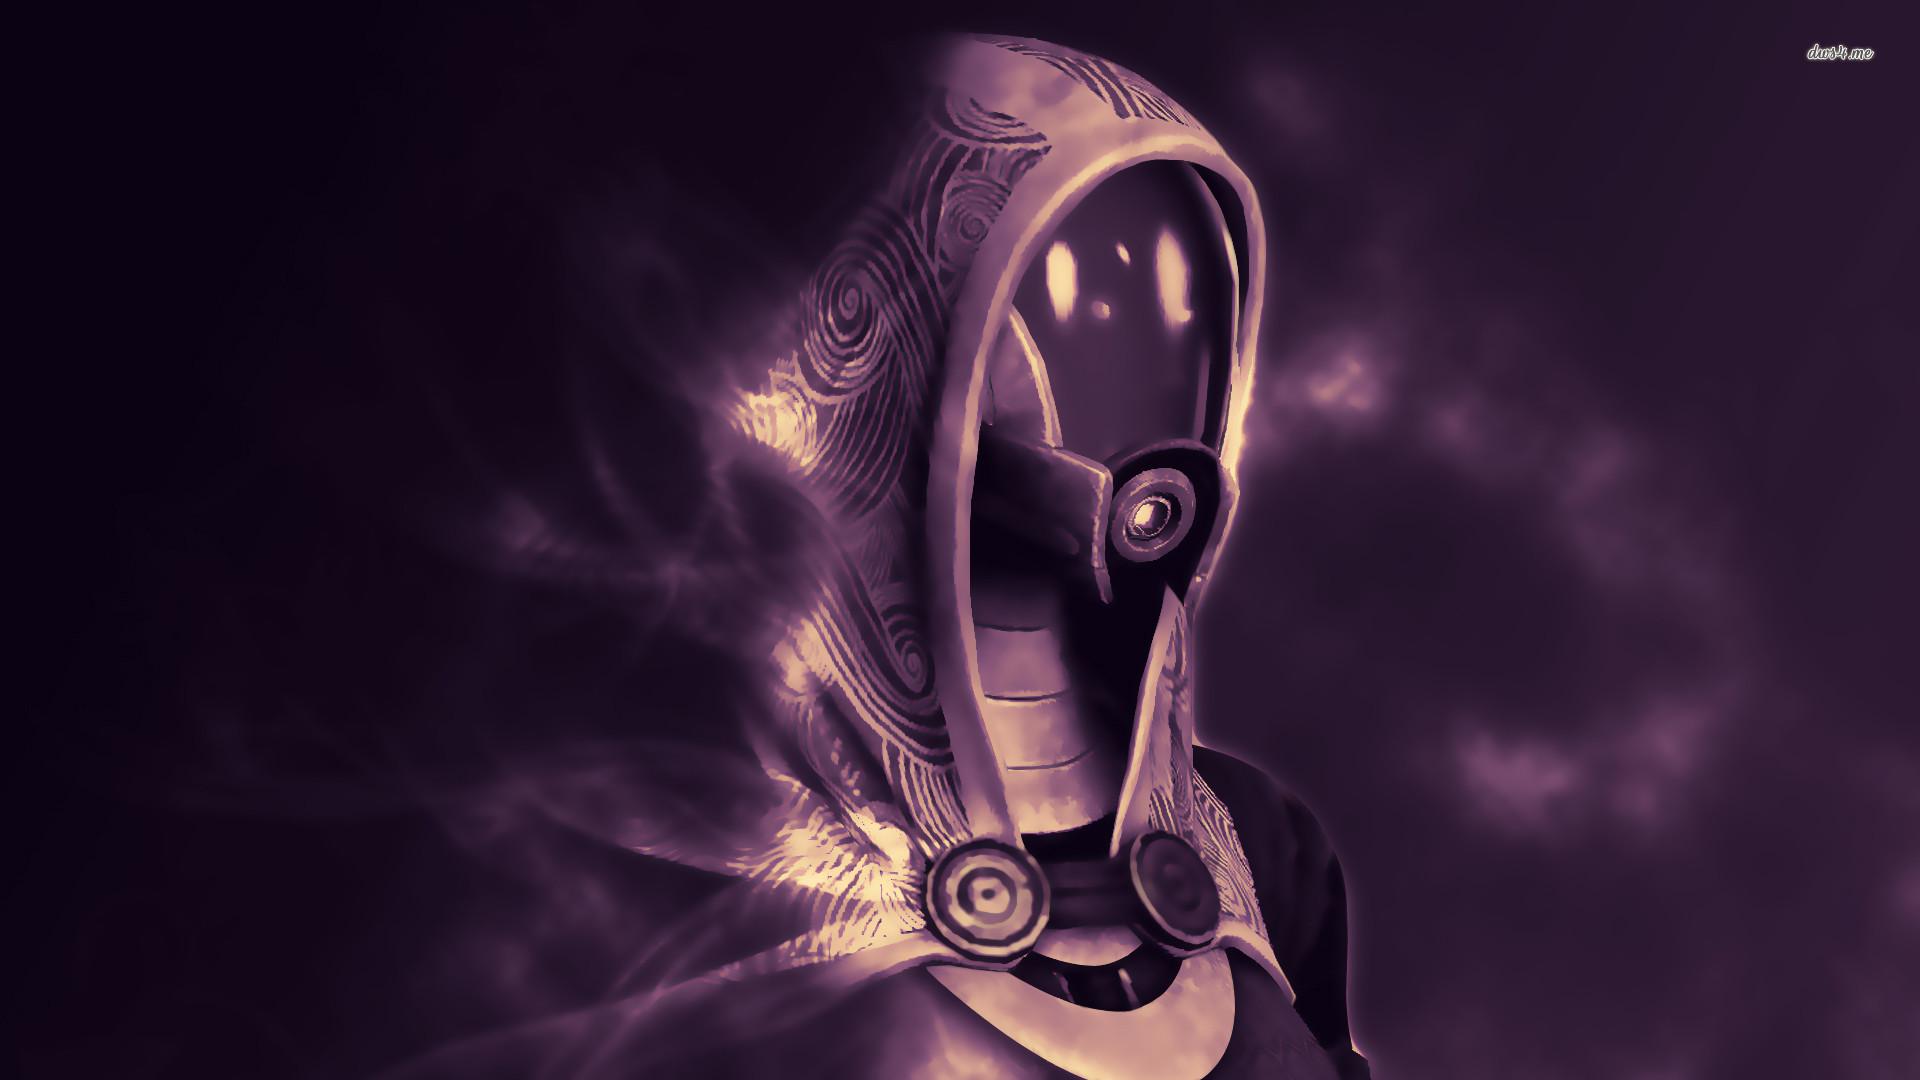 Tali'Zorah – Mass Effect wallpaper – Game wallpapers – #6566